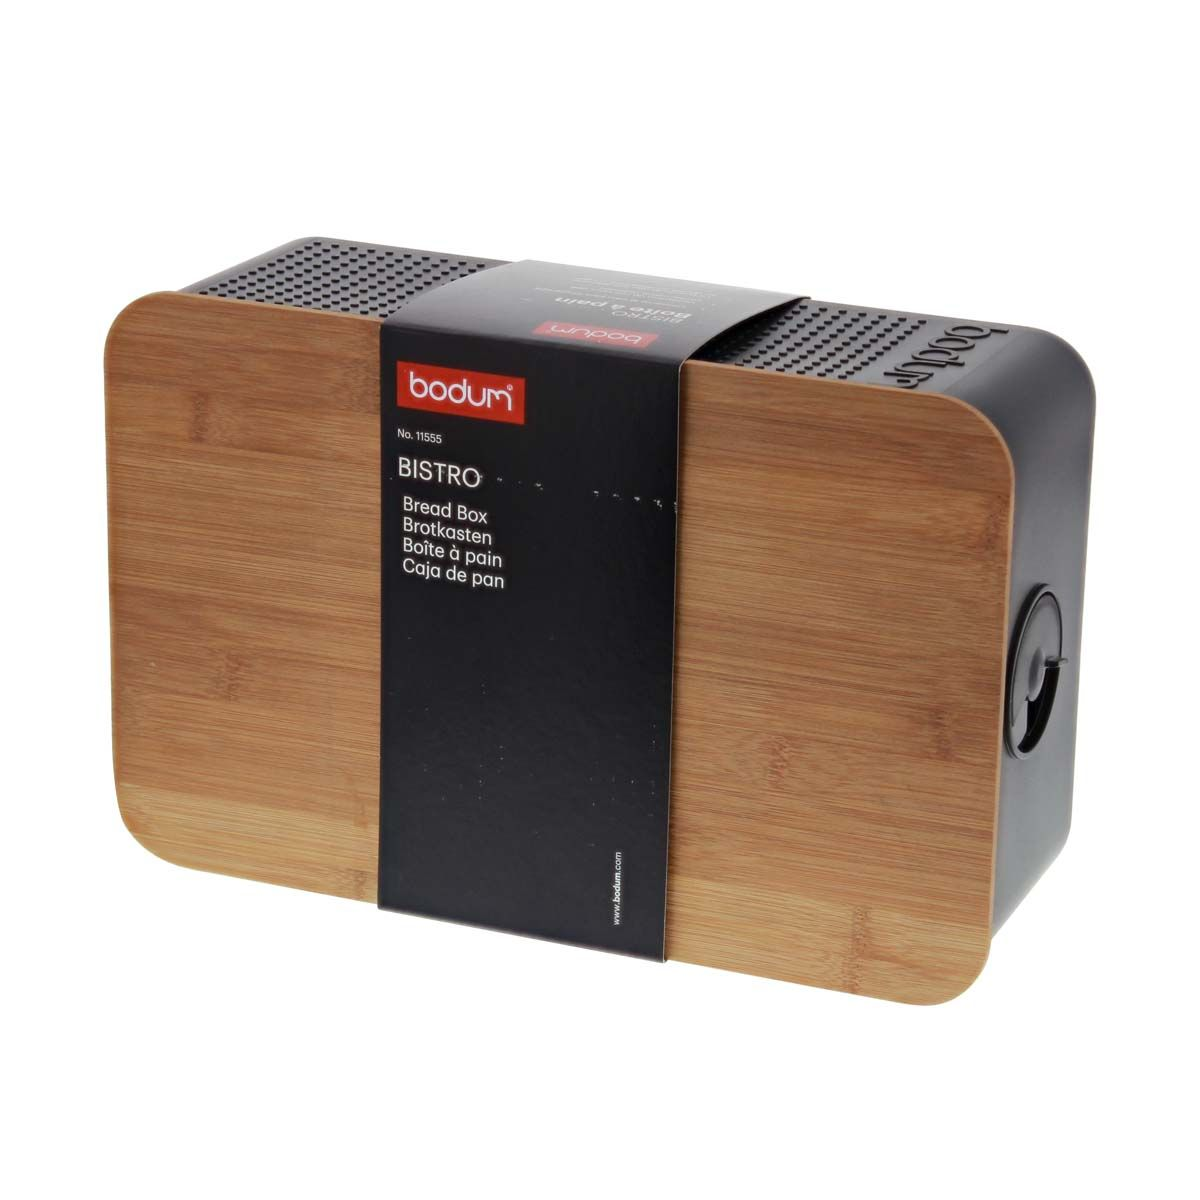 Boite à pain noire avec couvercle planche en bambou 14 x 24 x 37 cm - Bodum